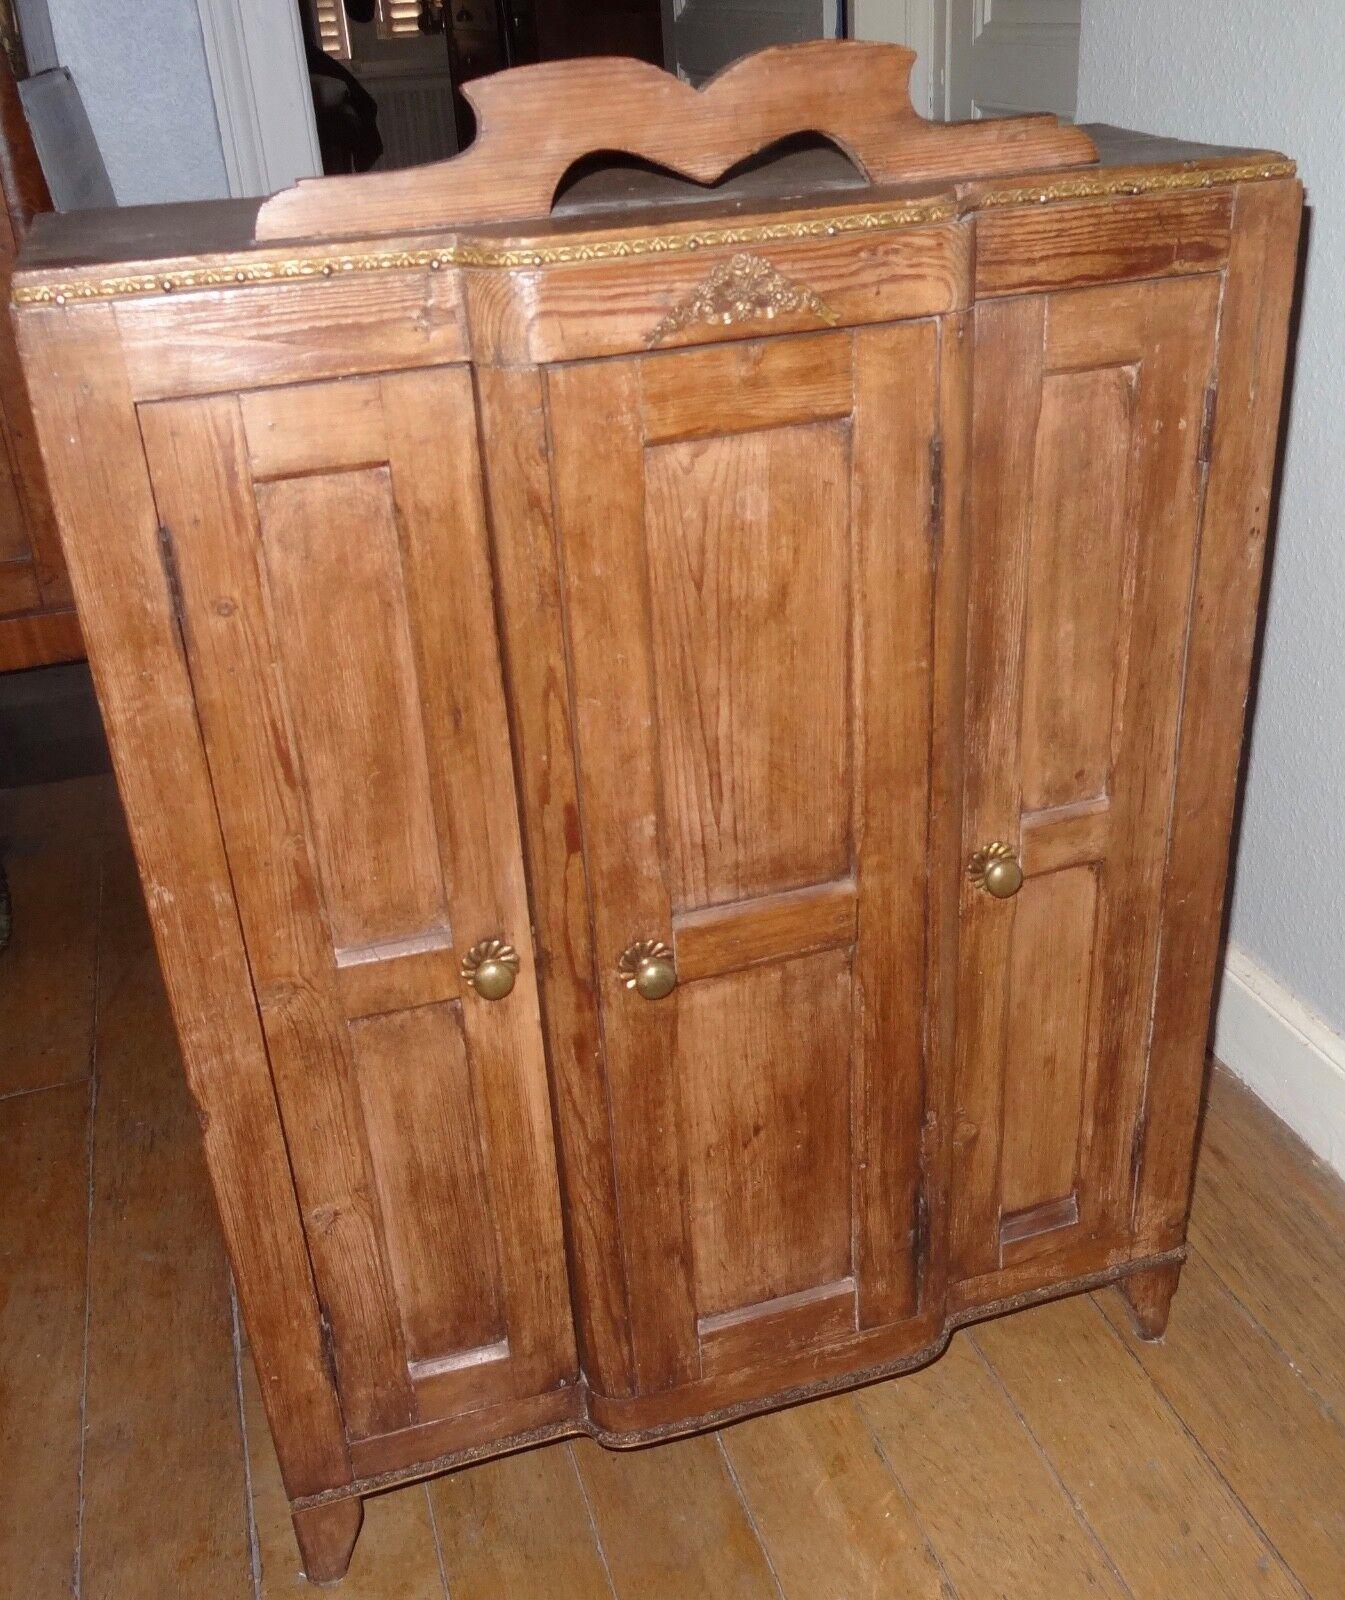 Meuble de maitrise armoire penderie mobilier de poupée en bois 1900's